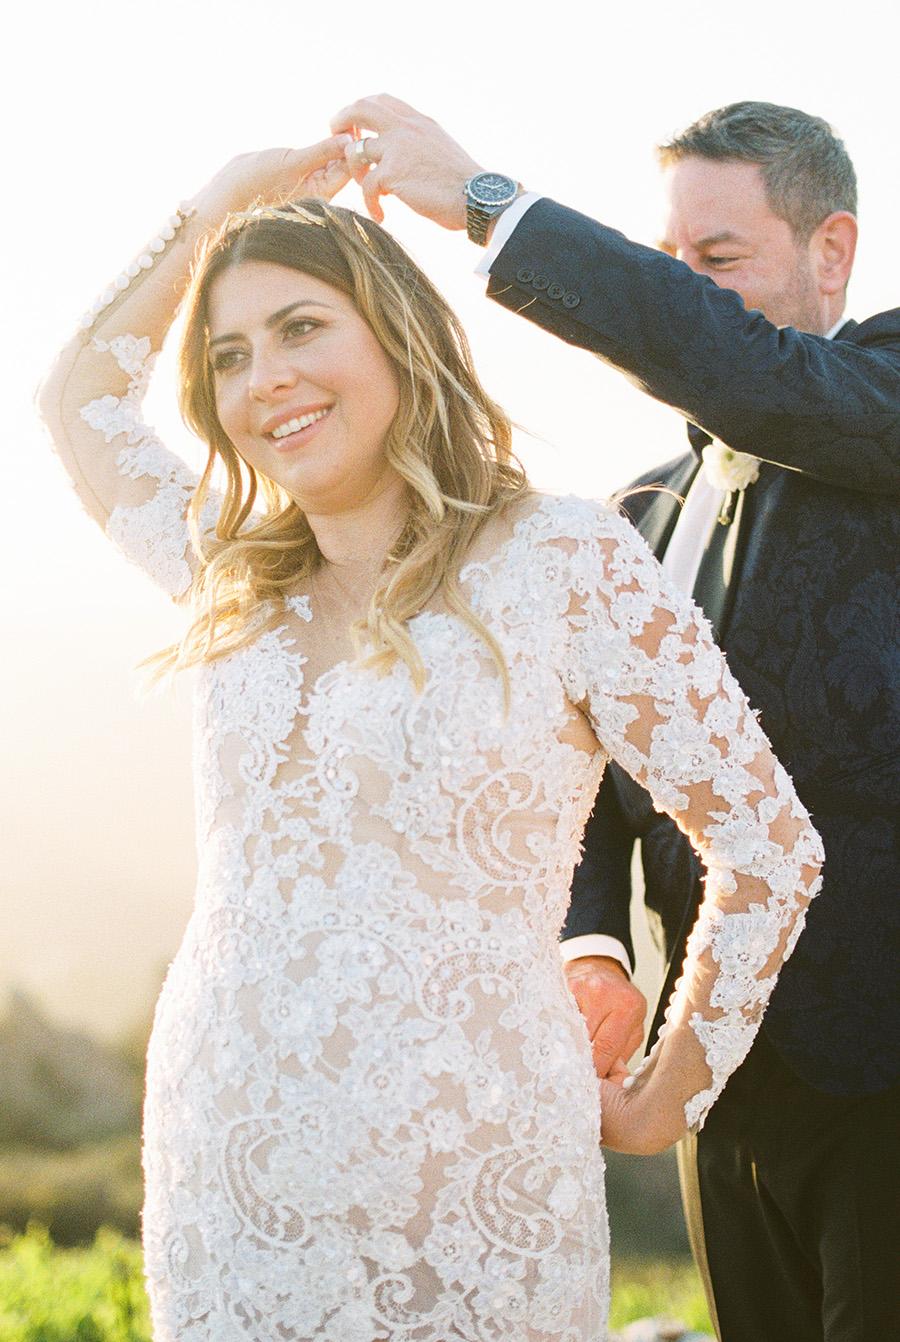 SALLY PINERA_MALIBU ROCKY OAKS WEDDING PHOTOGRAPHY_MALIBU_MARISSA AND PAUL-296.jpg